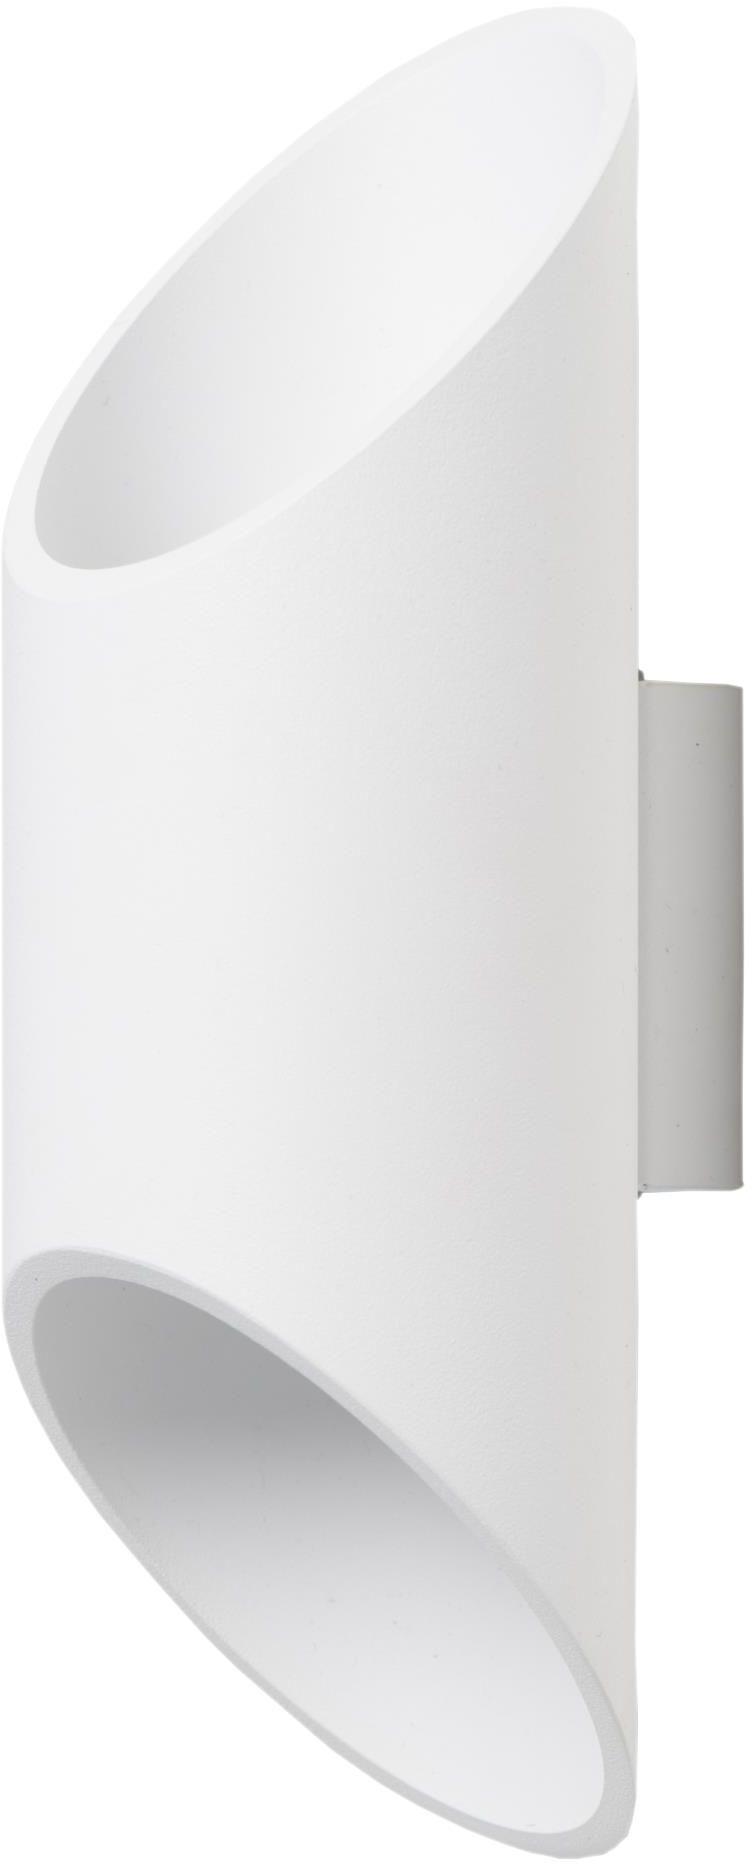 Lampex Wera biały 593/K BIA kinkiet lampa ścienna nowoczesny metalowy klosz biały G9 1x40W 10cm